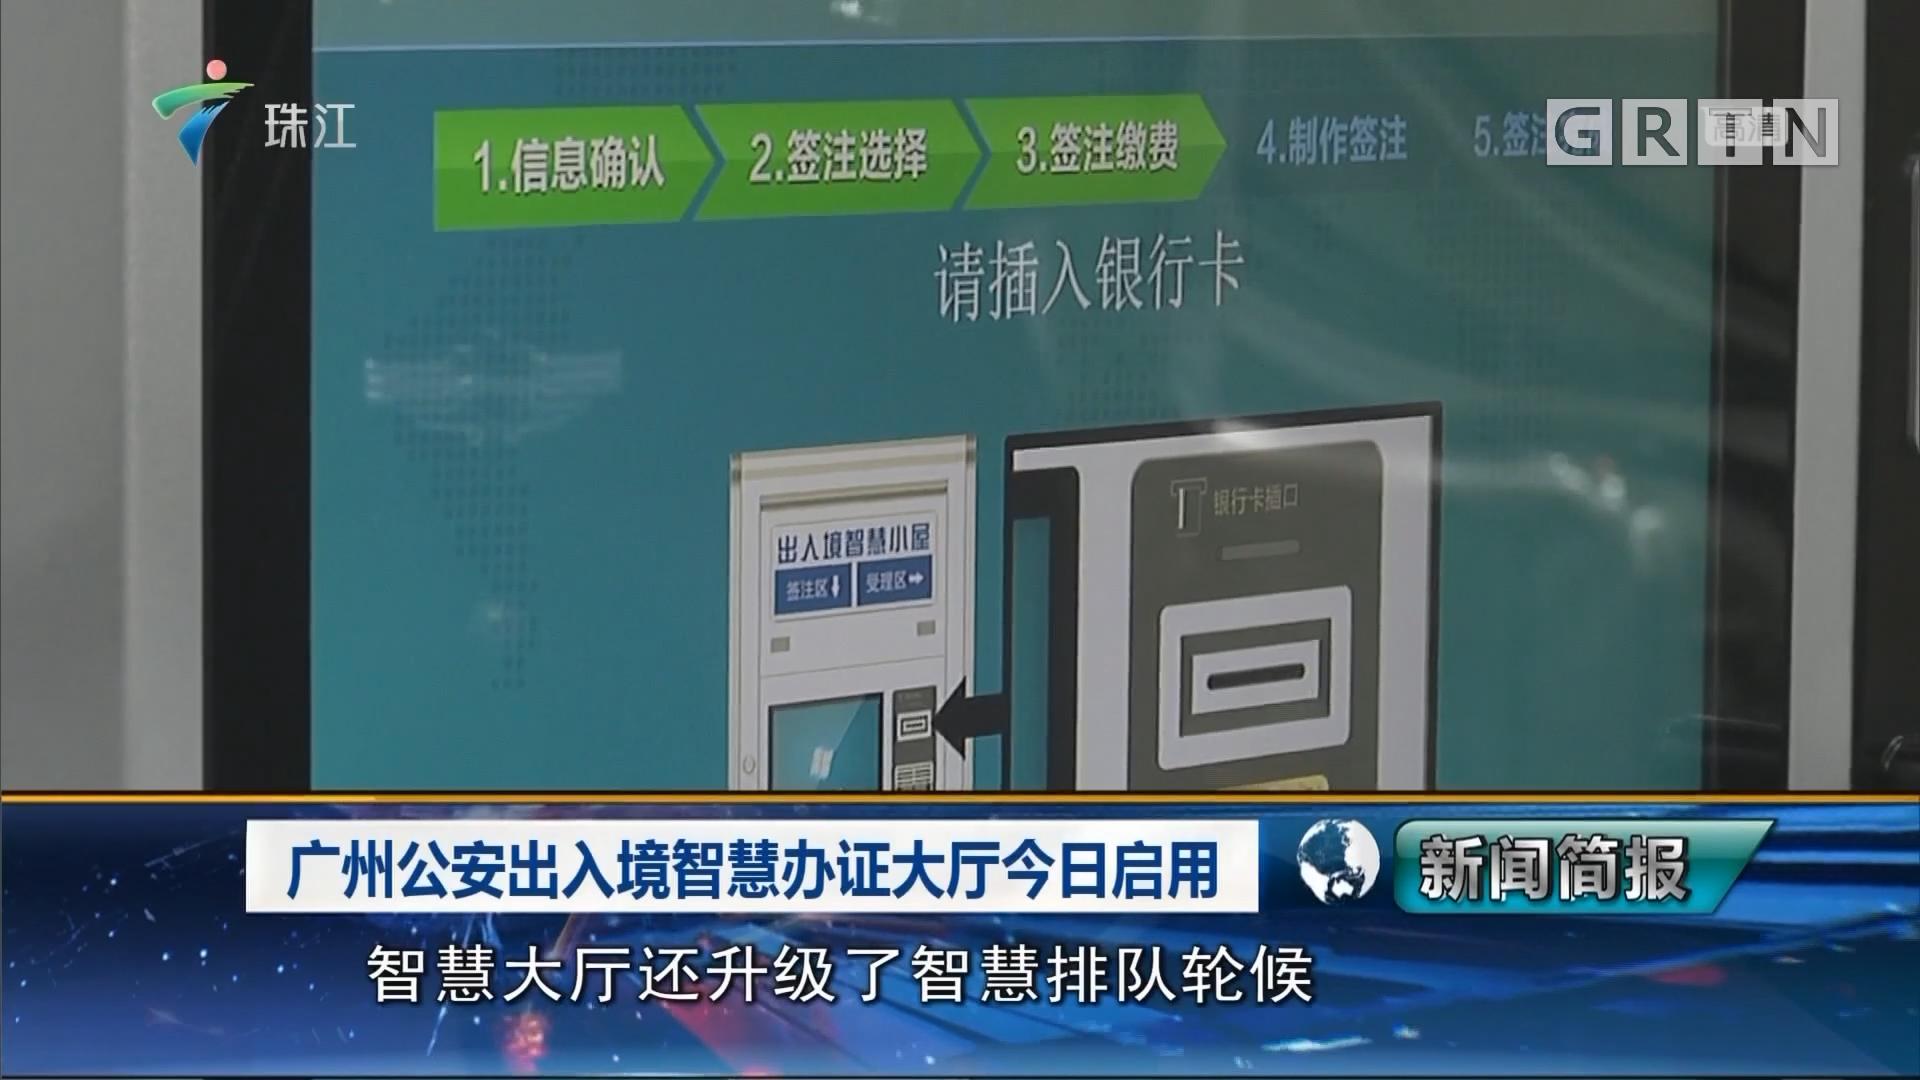 广州公安出入境智慧办证大厅今日启用